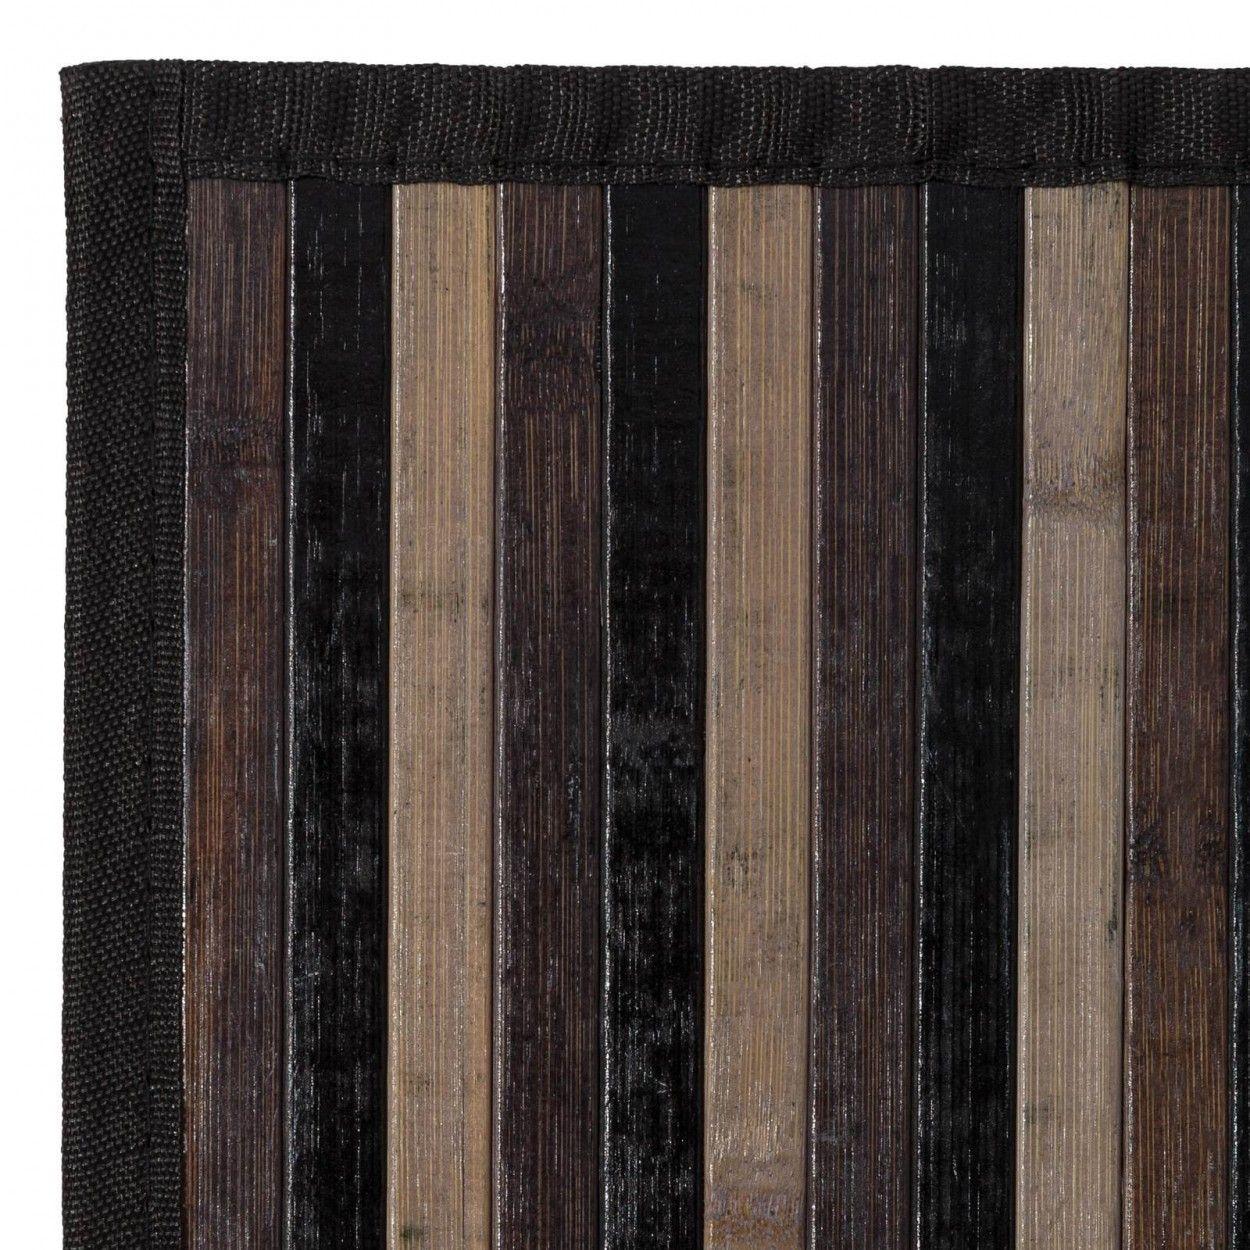 Comprar alfombra de bamb dise o natural hogar y m s - Alfombra de bambu ...